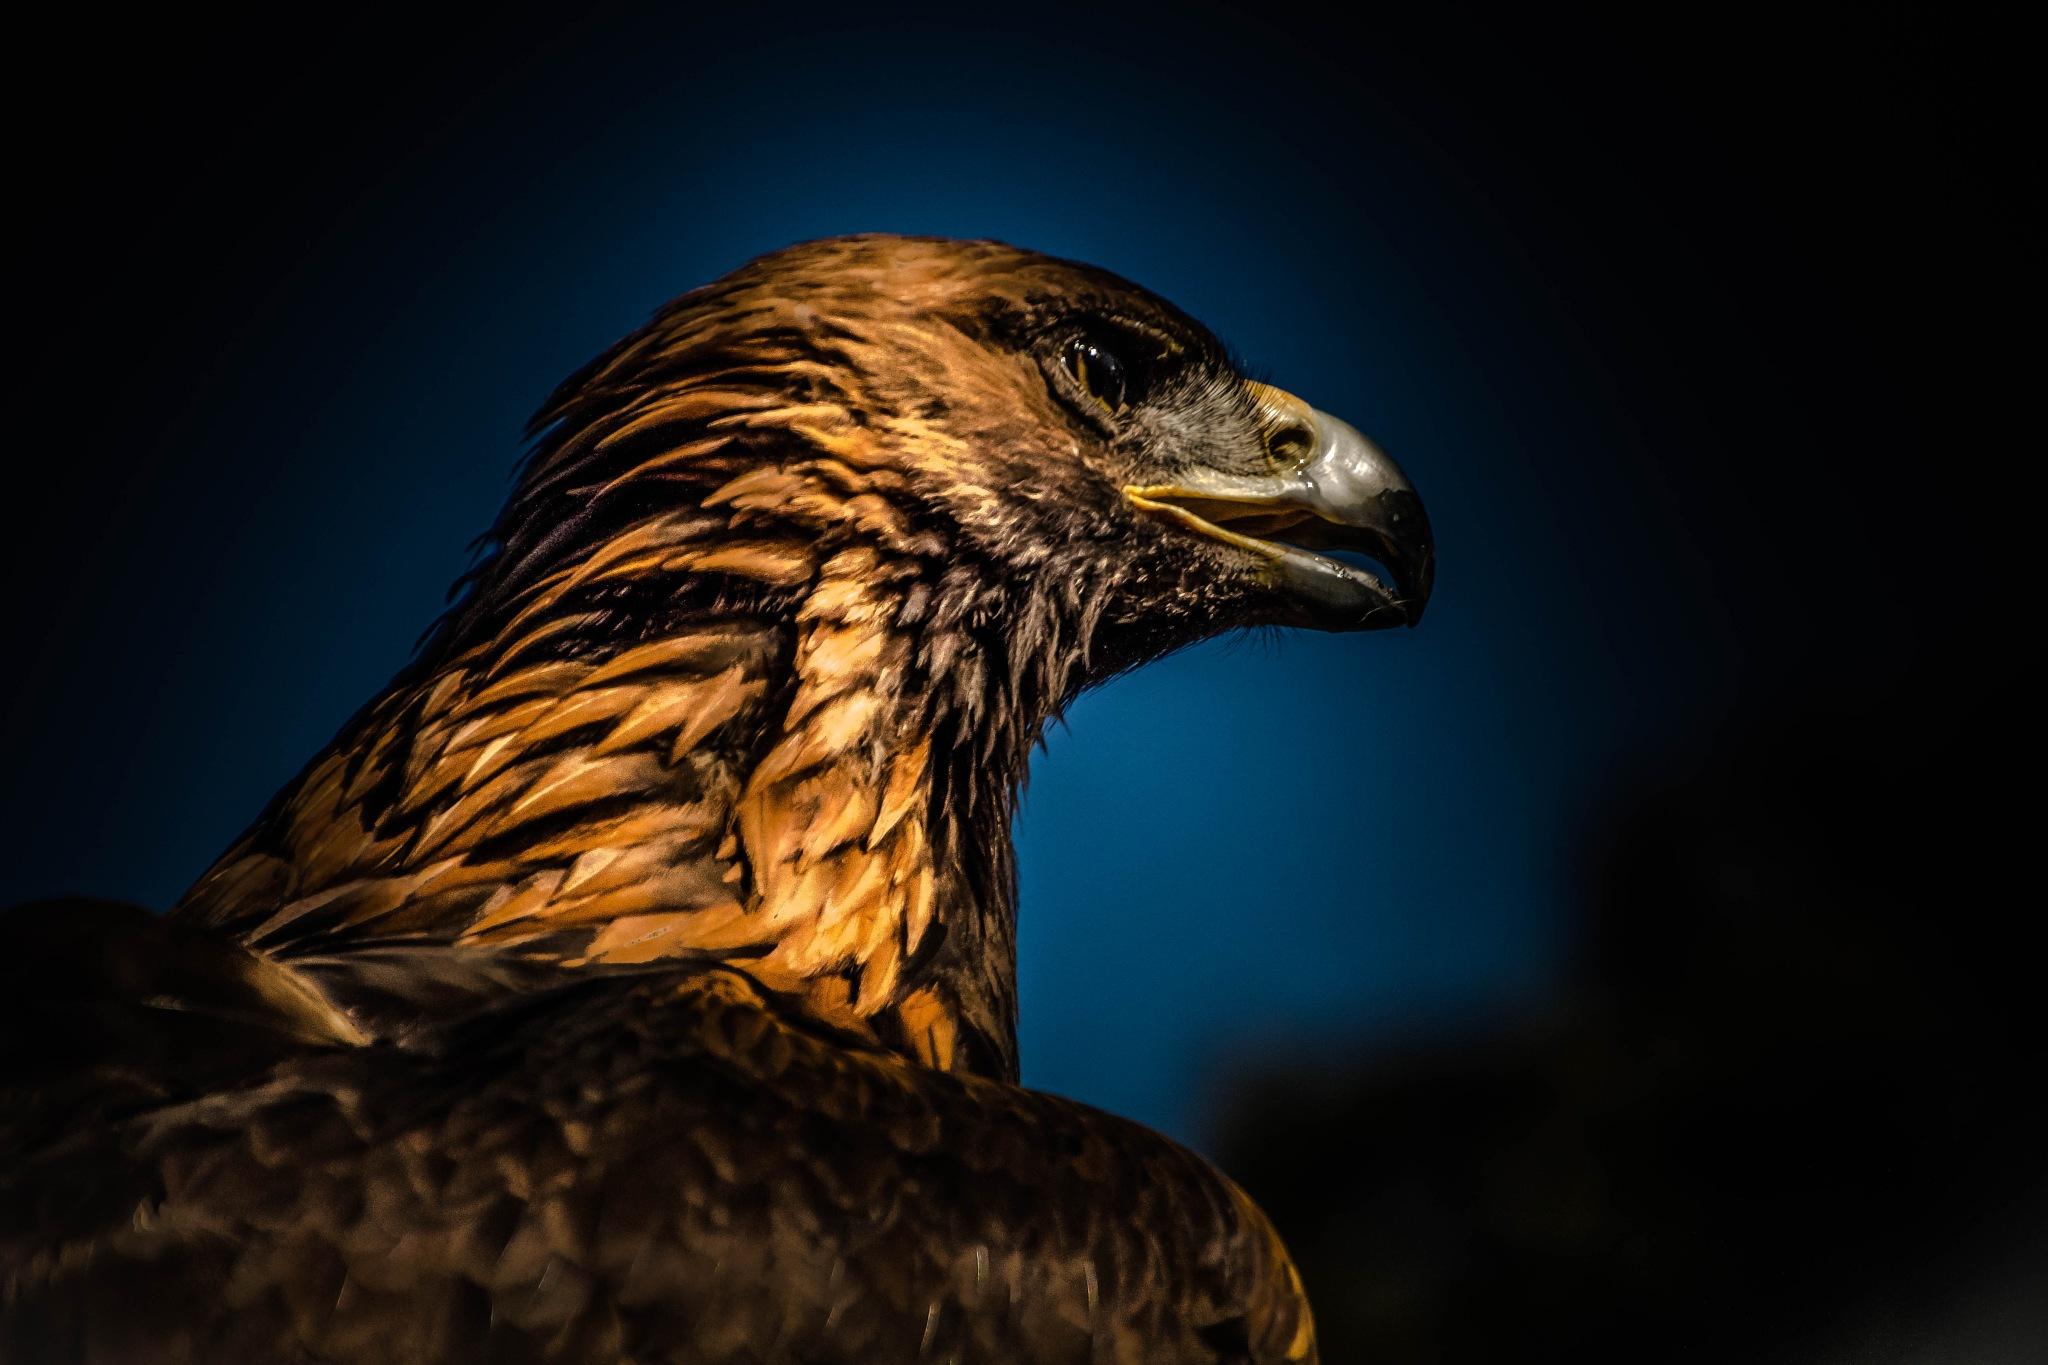 the eagle by Kurt Land